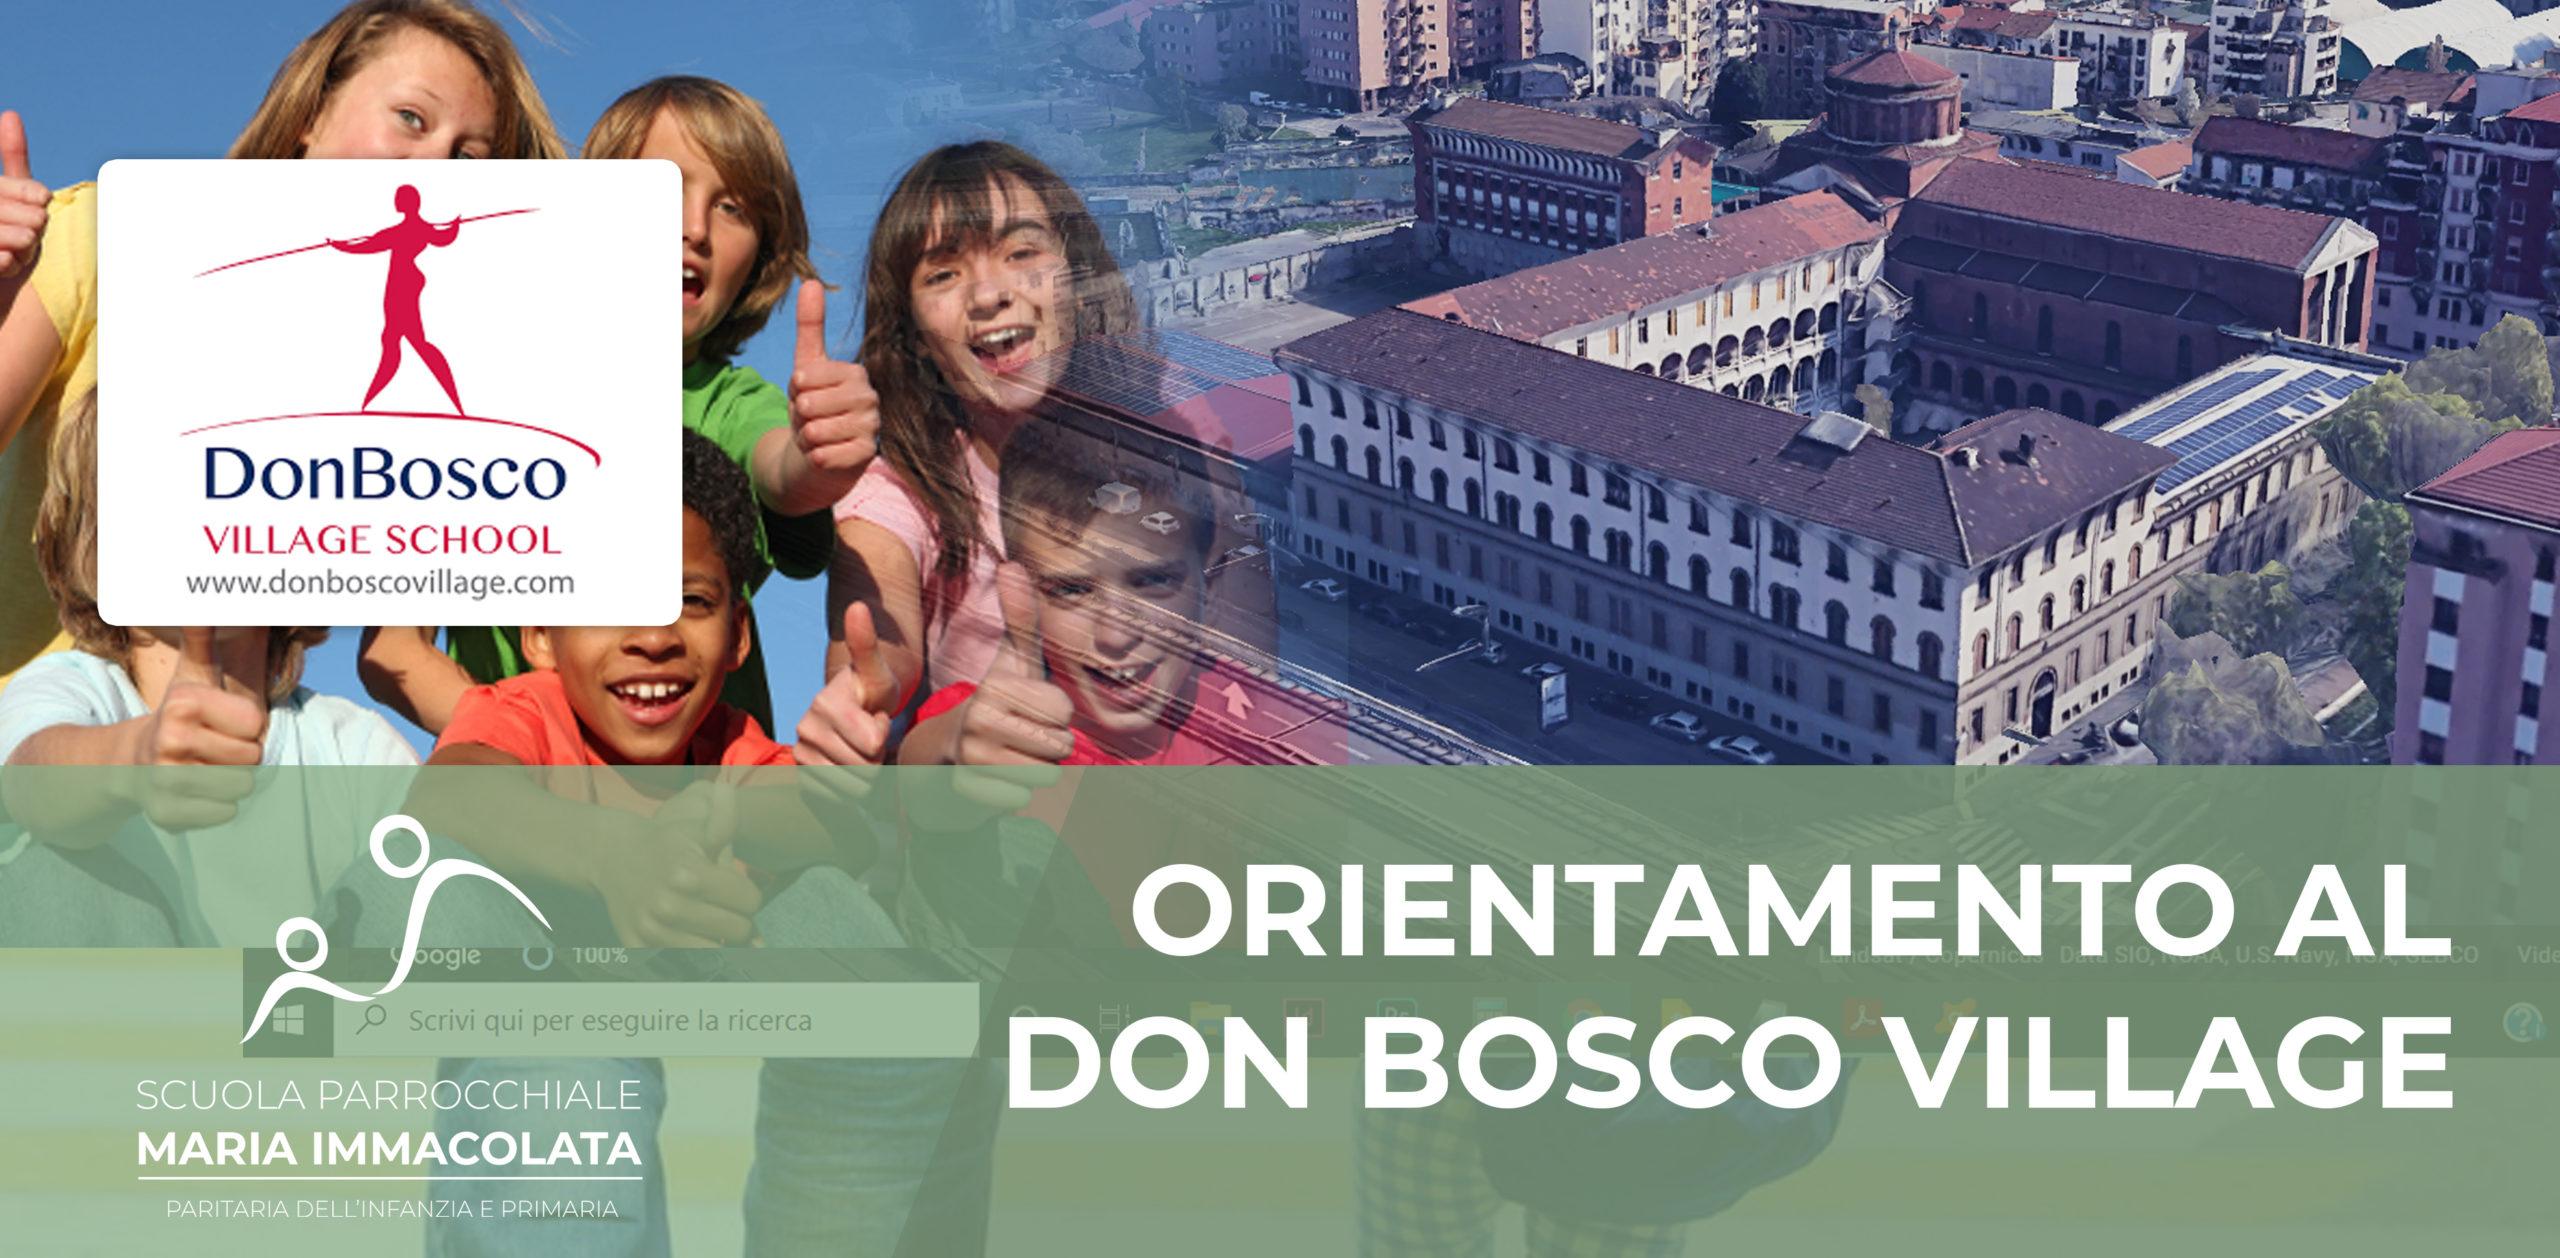 Verso la Scuola media: giornata di orientamento al Don Bosco Village per i bambini di 4^